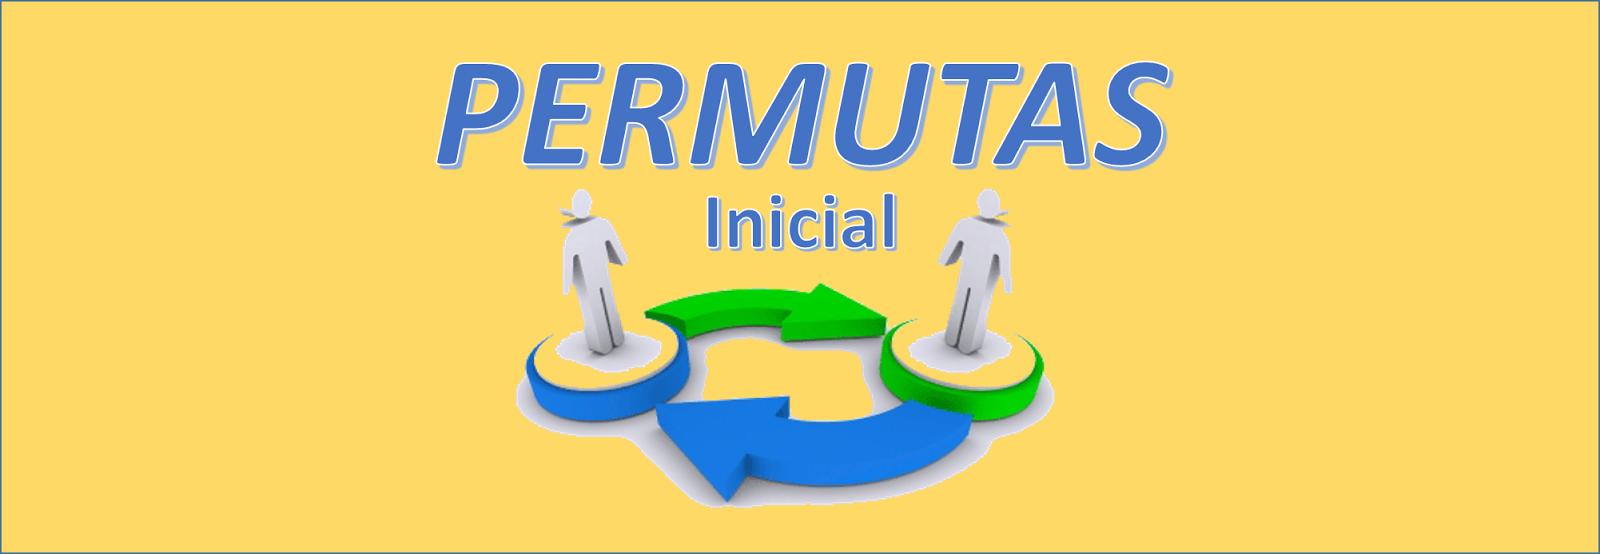 PERMUTAS 2016 - INICIAL